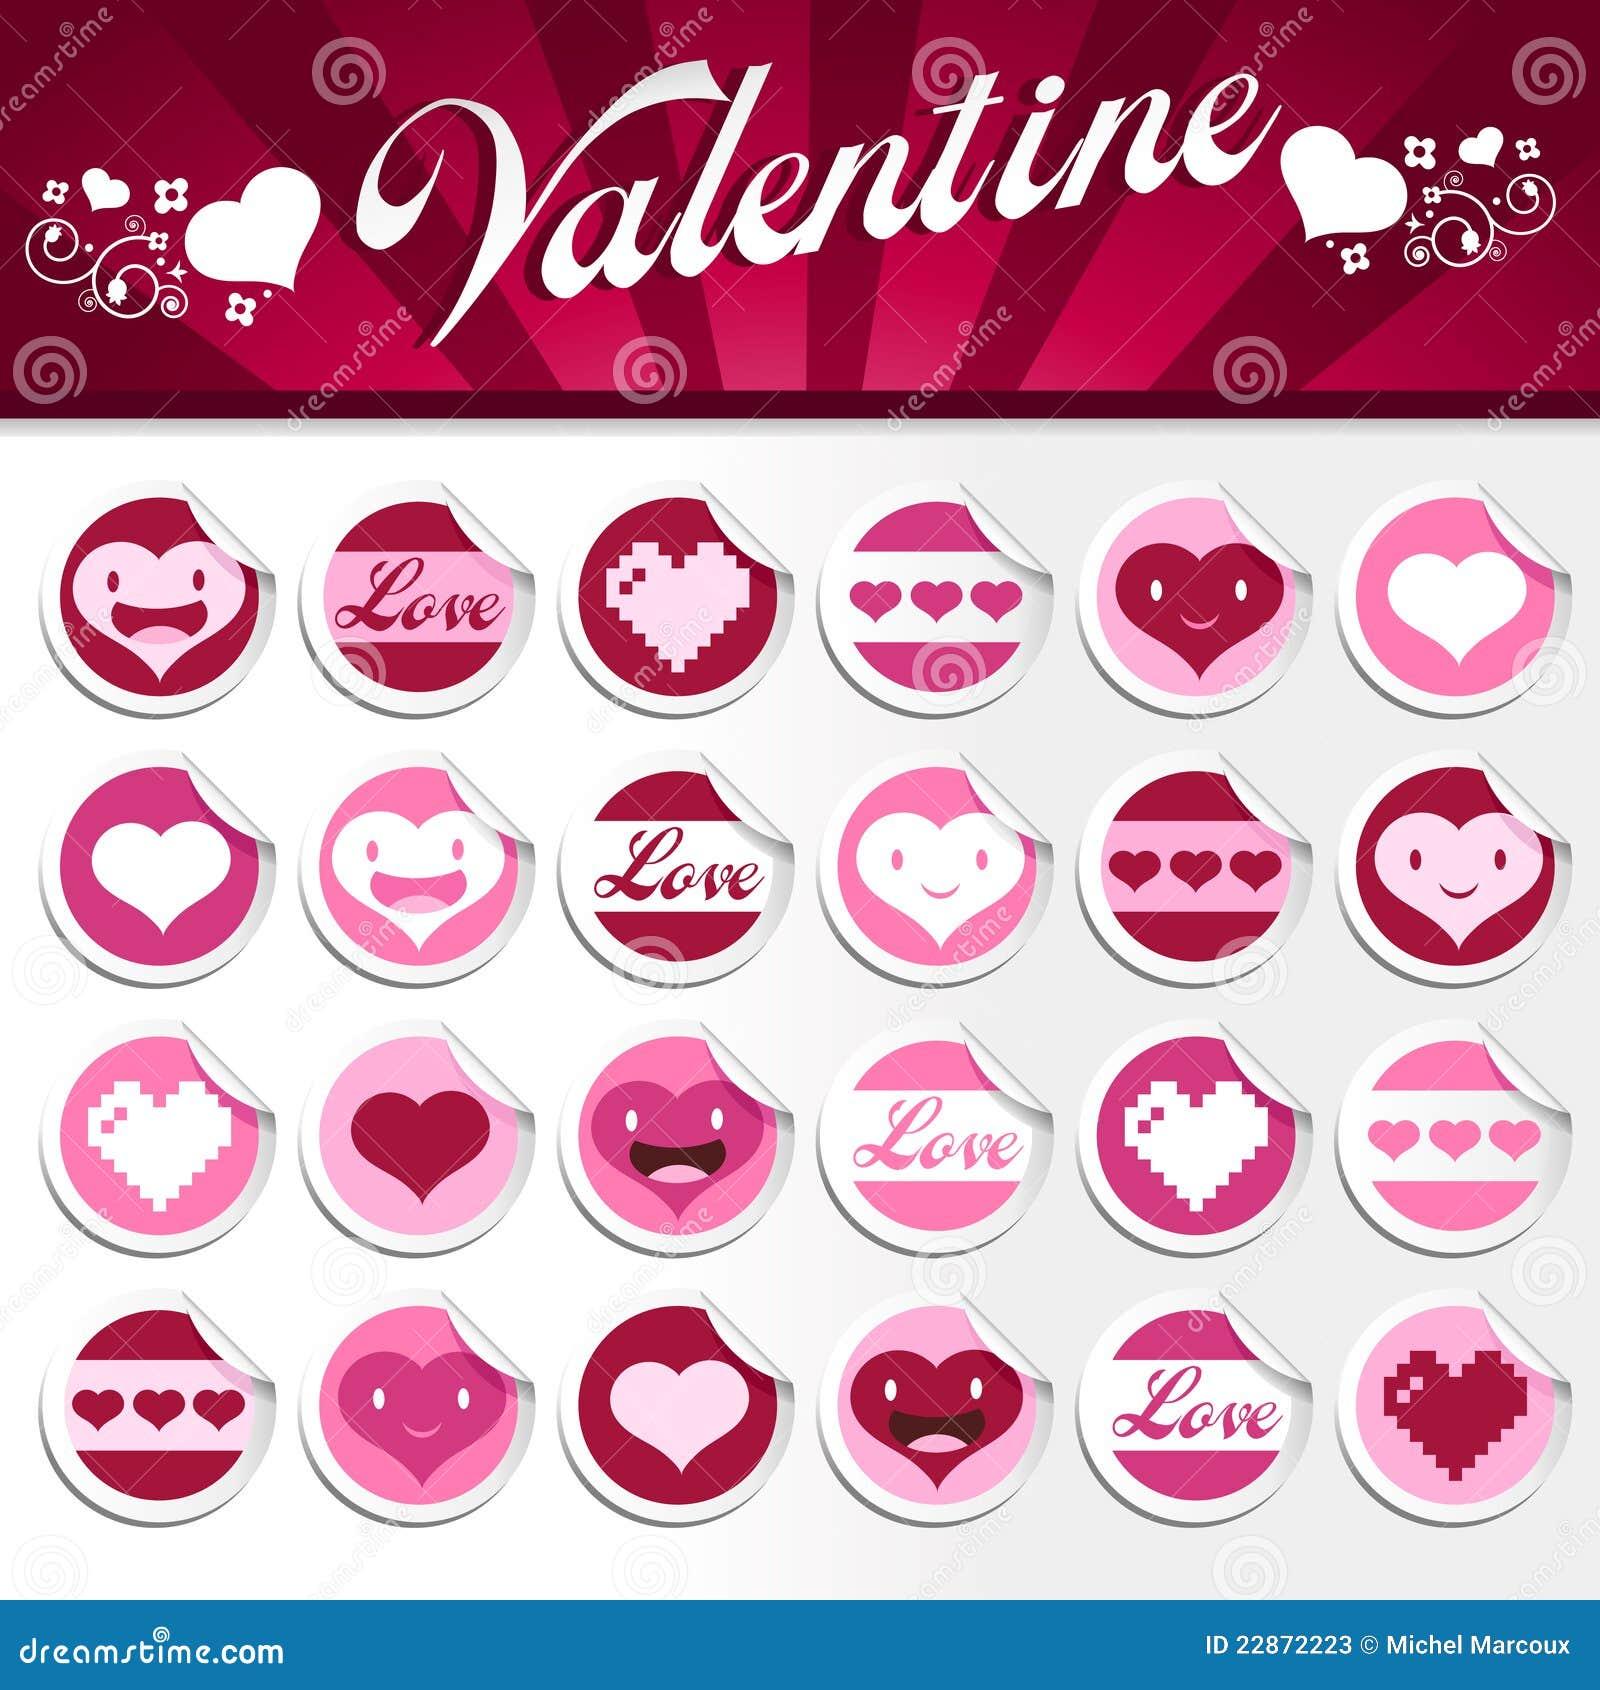 valentines stickers - Valentines Day Stickers